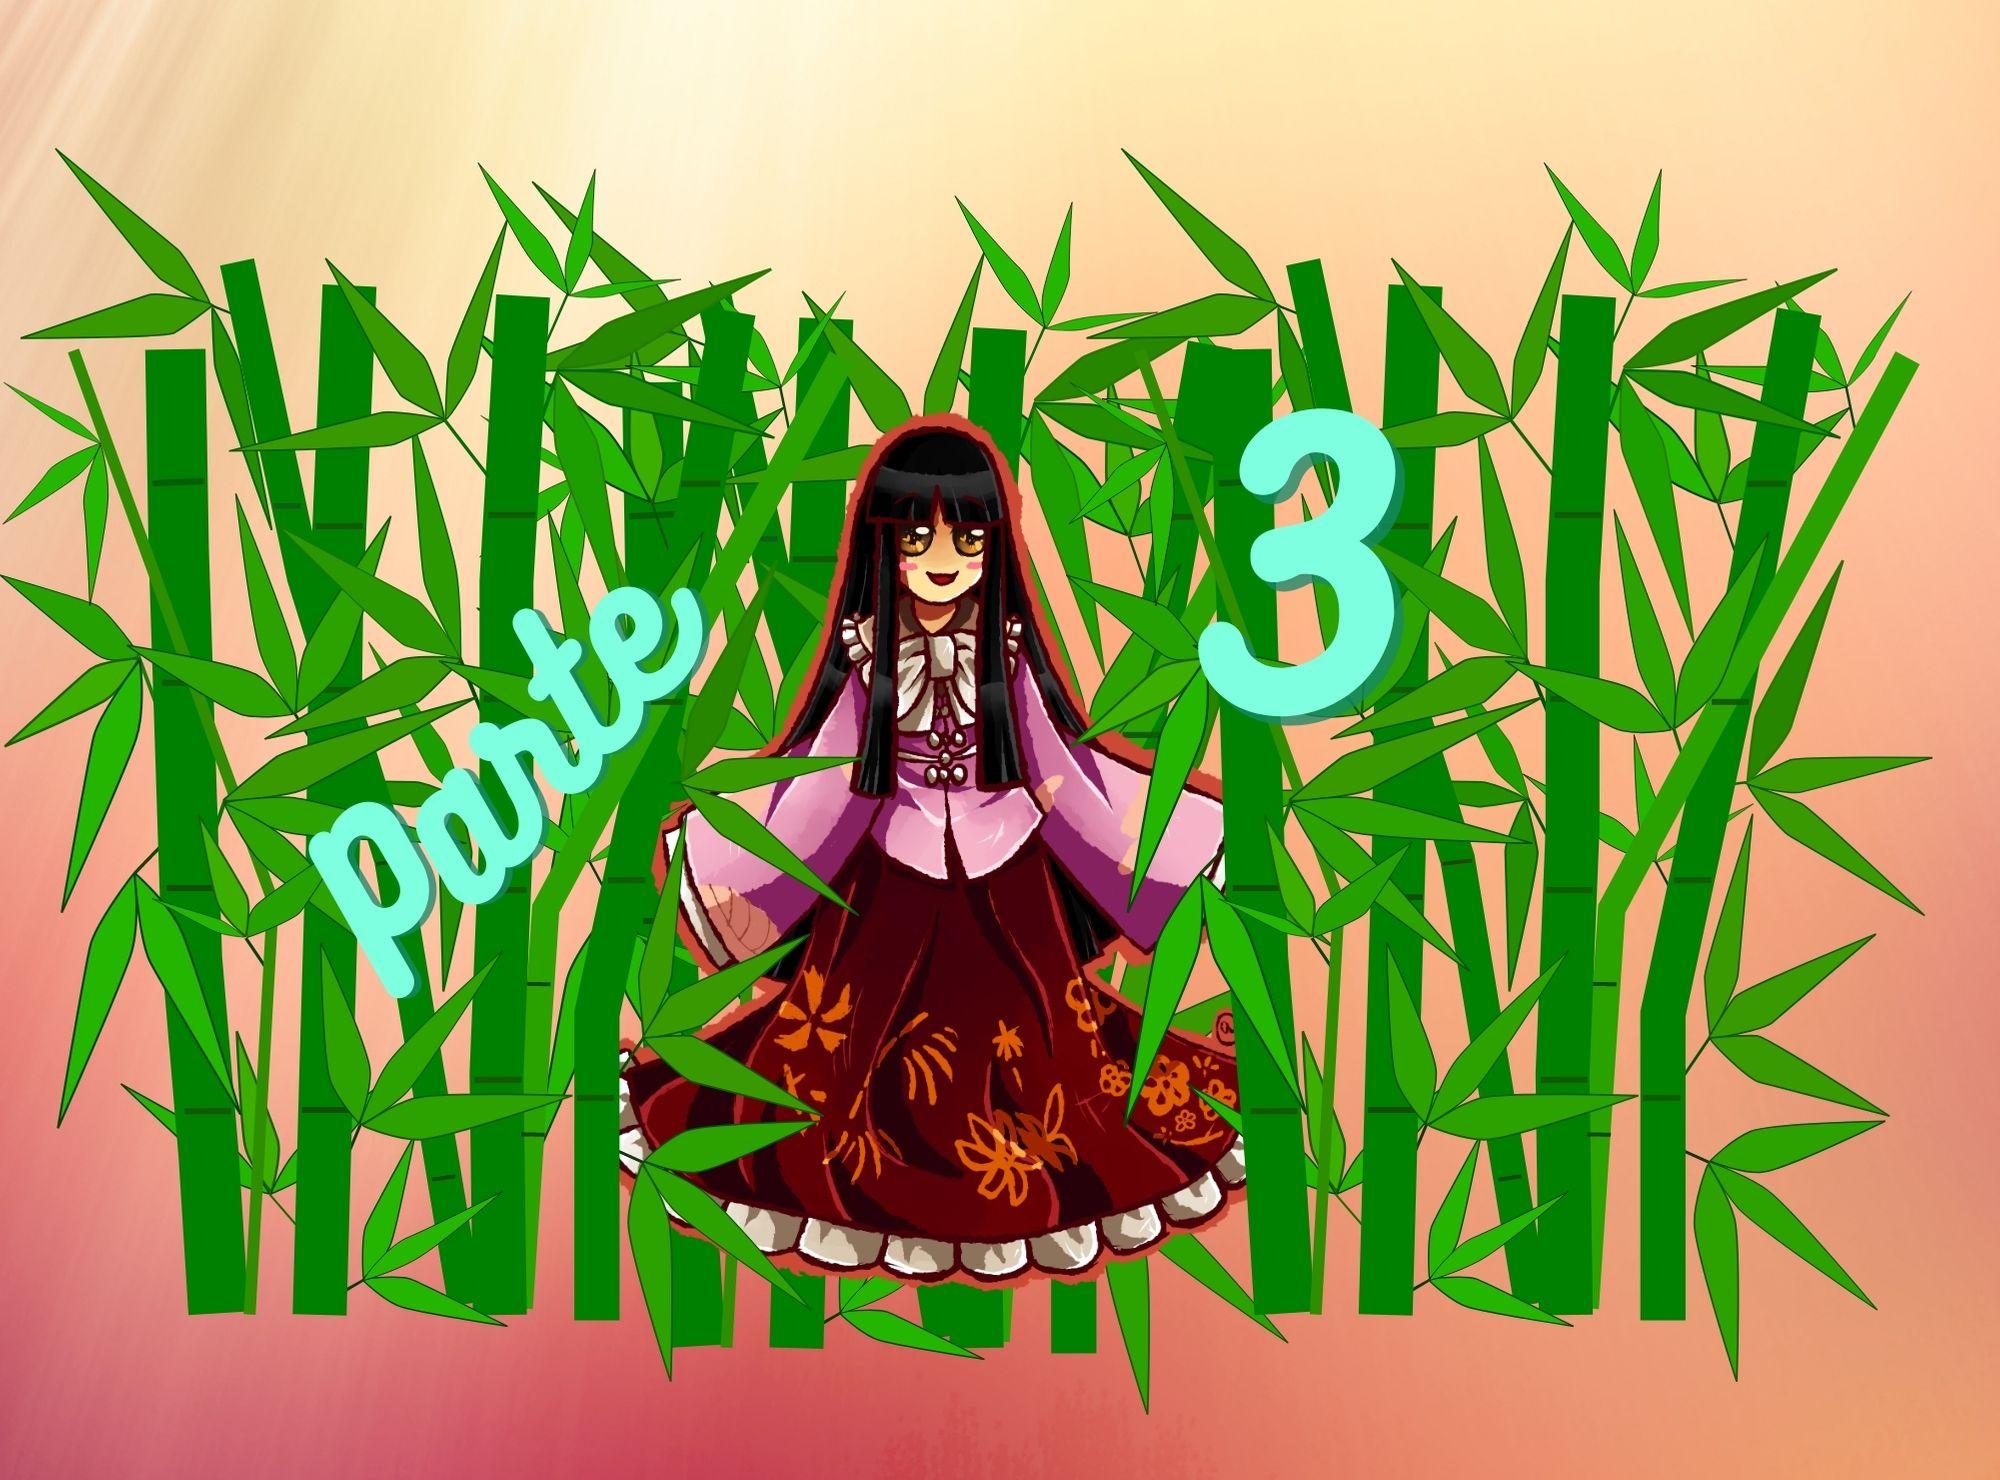 Práctica de lectura N5 de Hiragana: Princesa Kaguya parte 3: Los 5 hombres persistentes